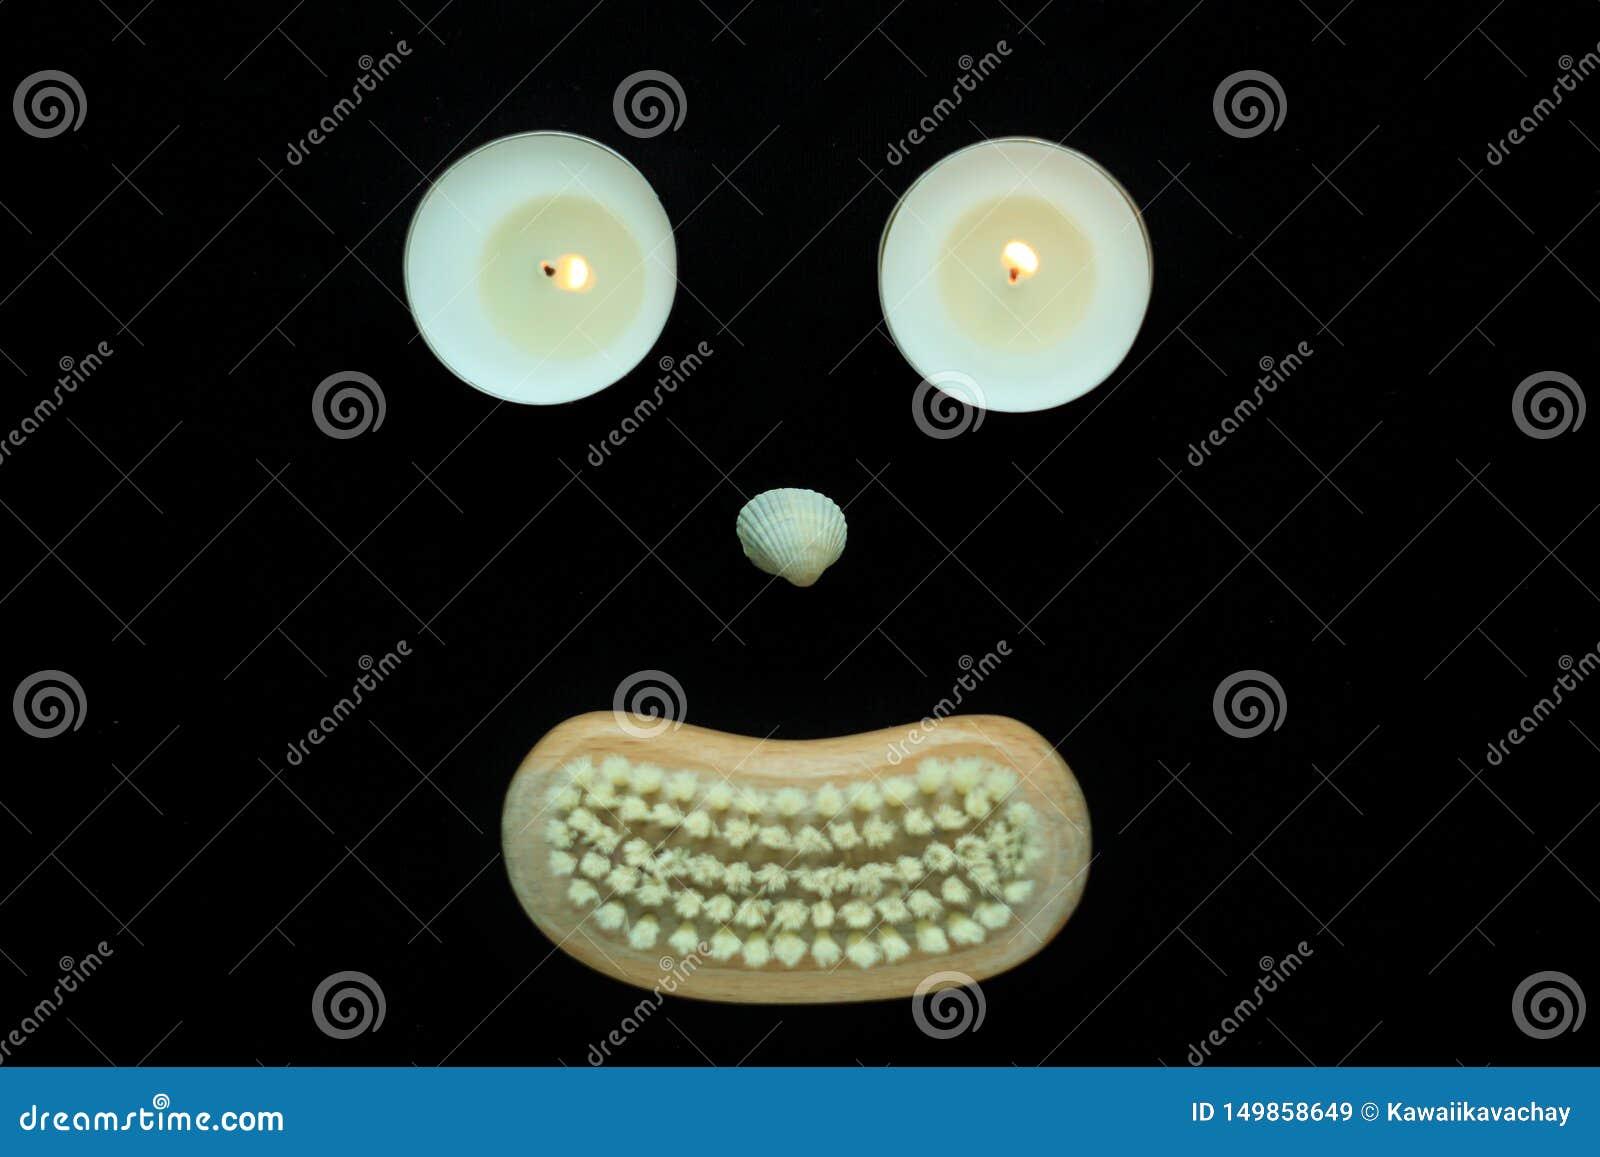 Η έννοια wellness SPA, το πρόσωπο με τα κεριά ματιών, μια μύτη θαλασσινών κοχυλιών και ένα στόμα ενός ξύλινου σώματος βουρτσίζουν